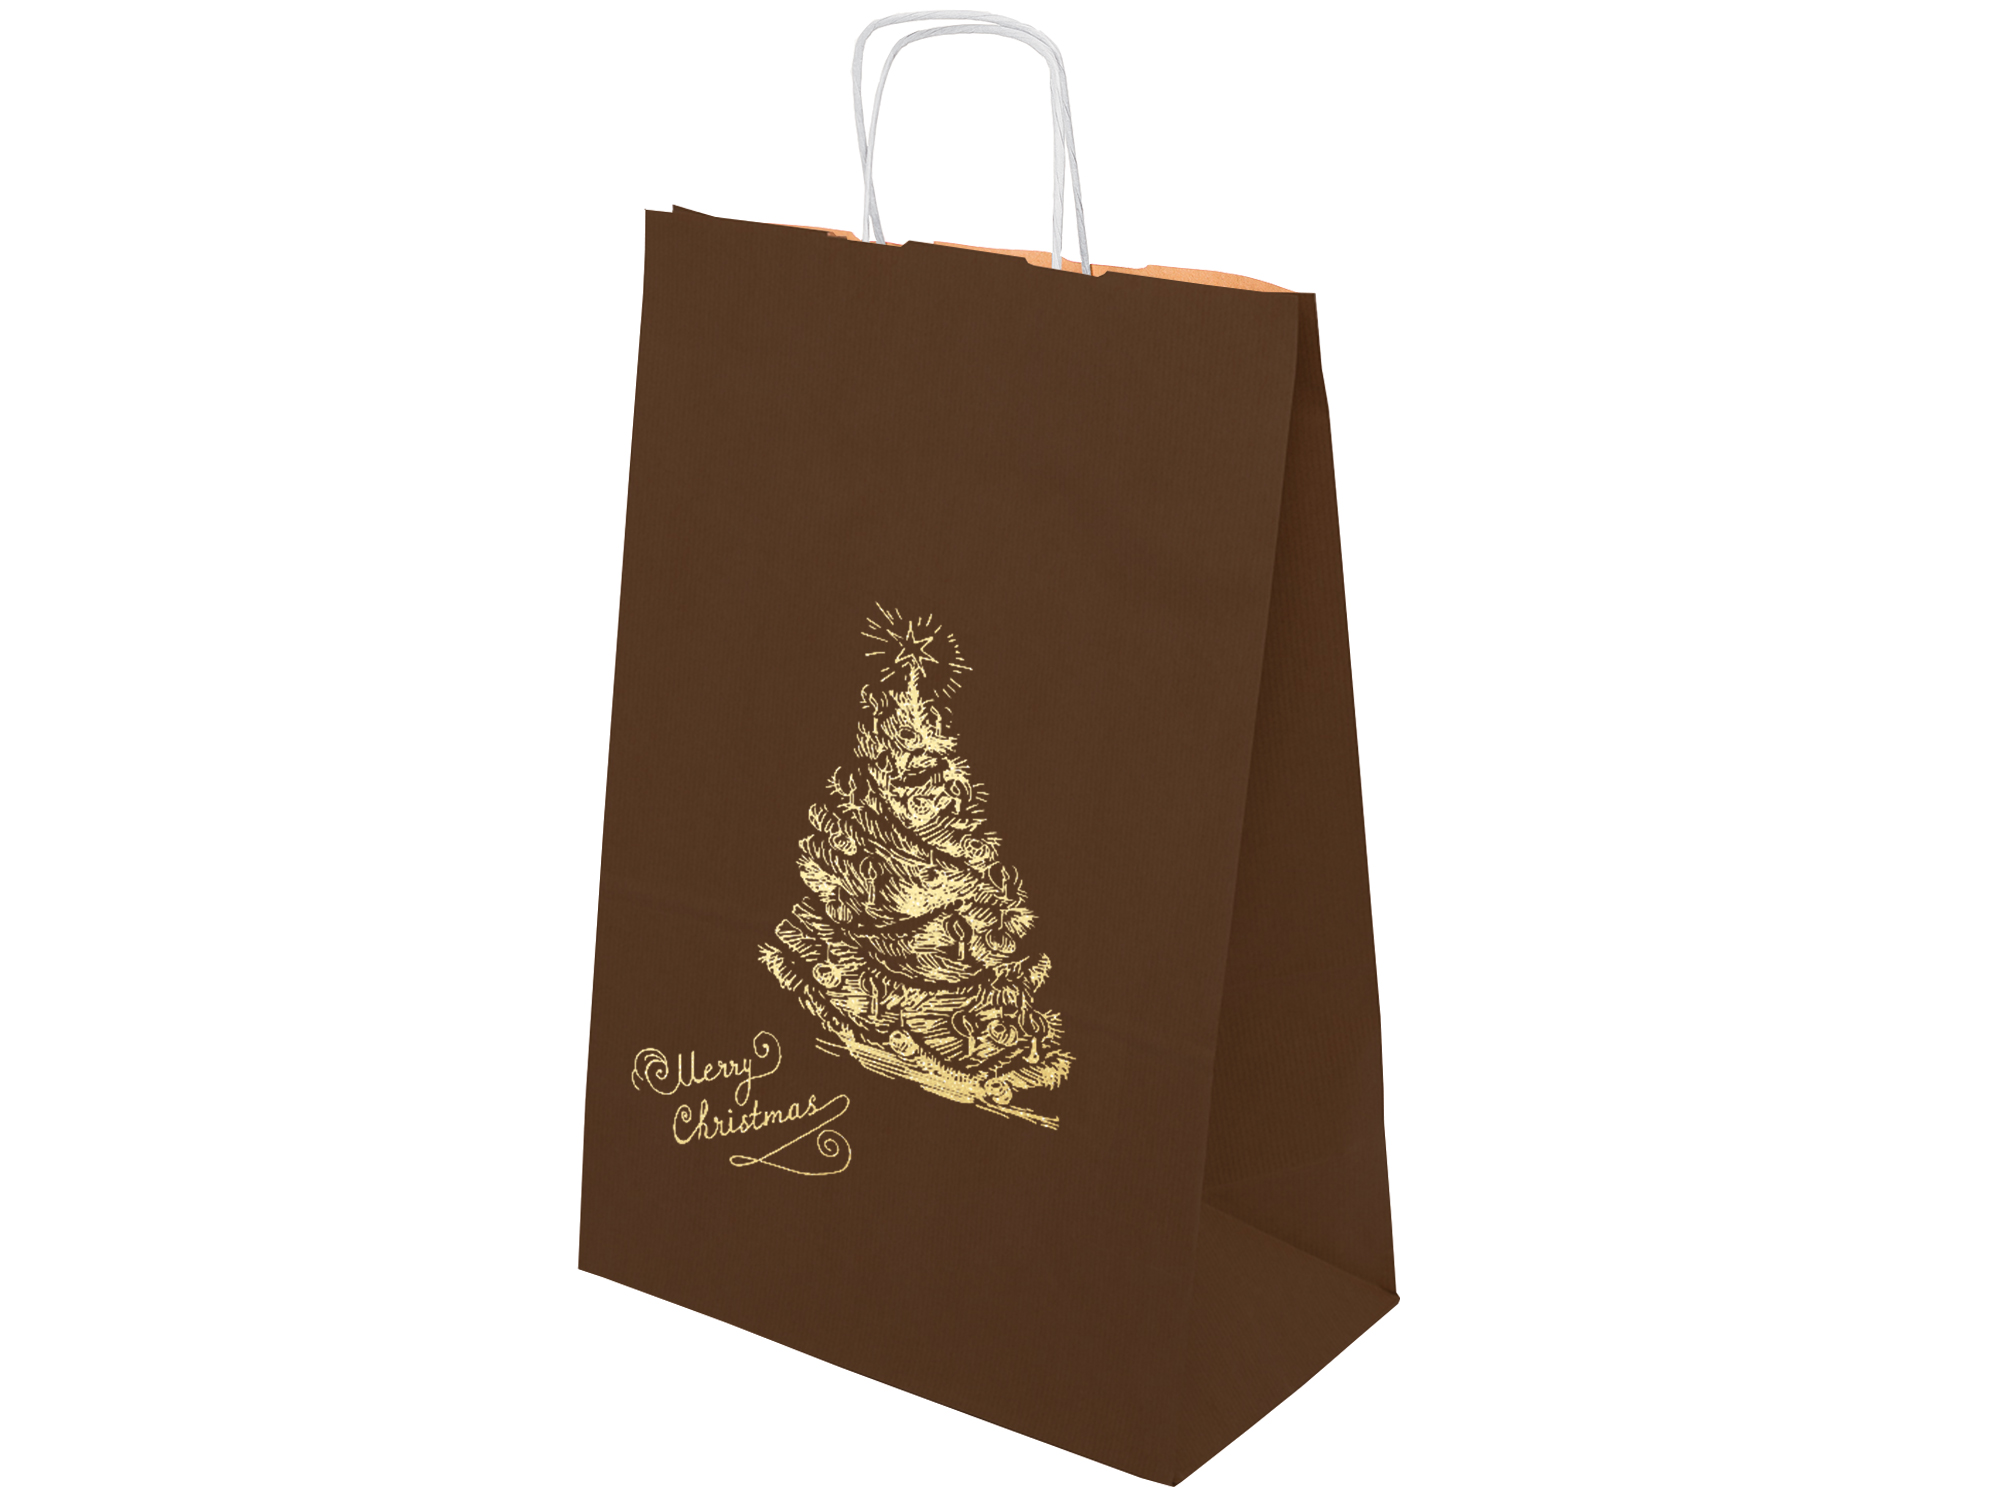 484d4a6cb81a7 Torby torebki świąteczne papierowe 30x17x44cm 10sz - 7644546179 ...